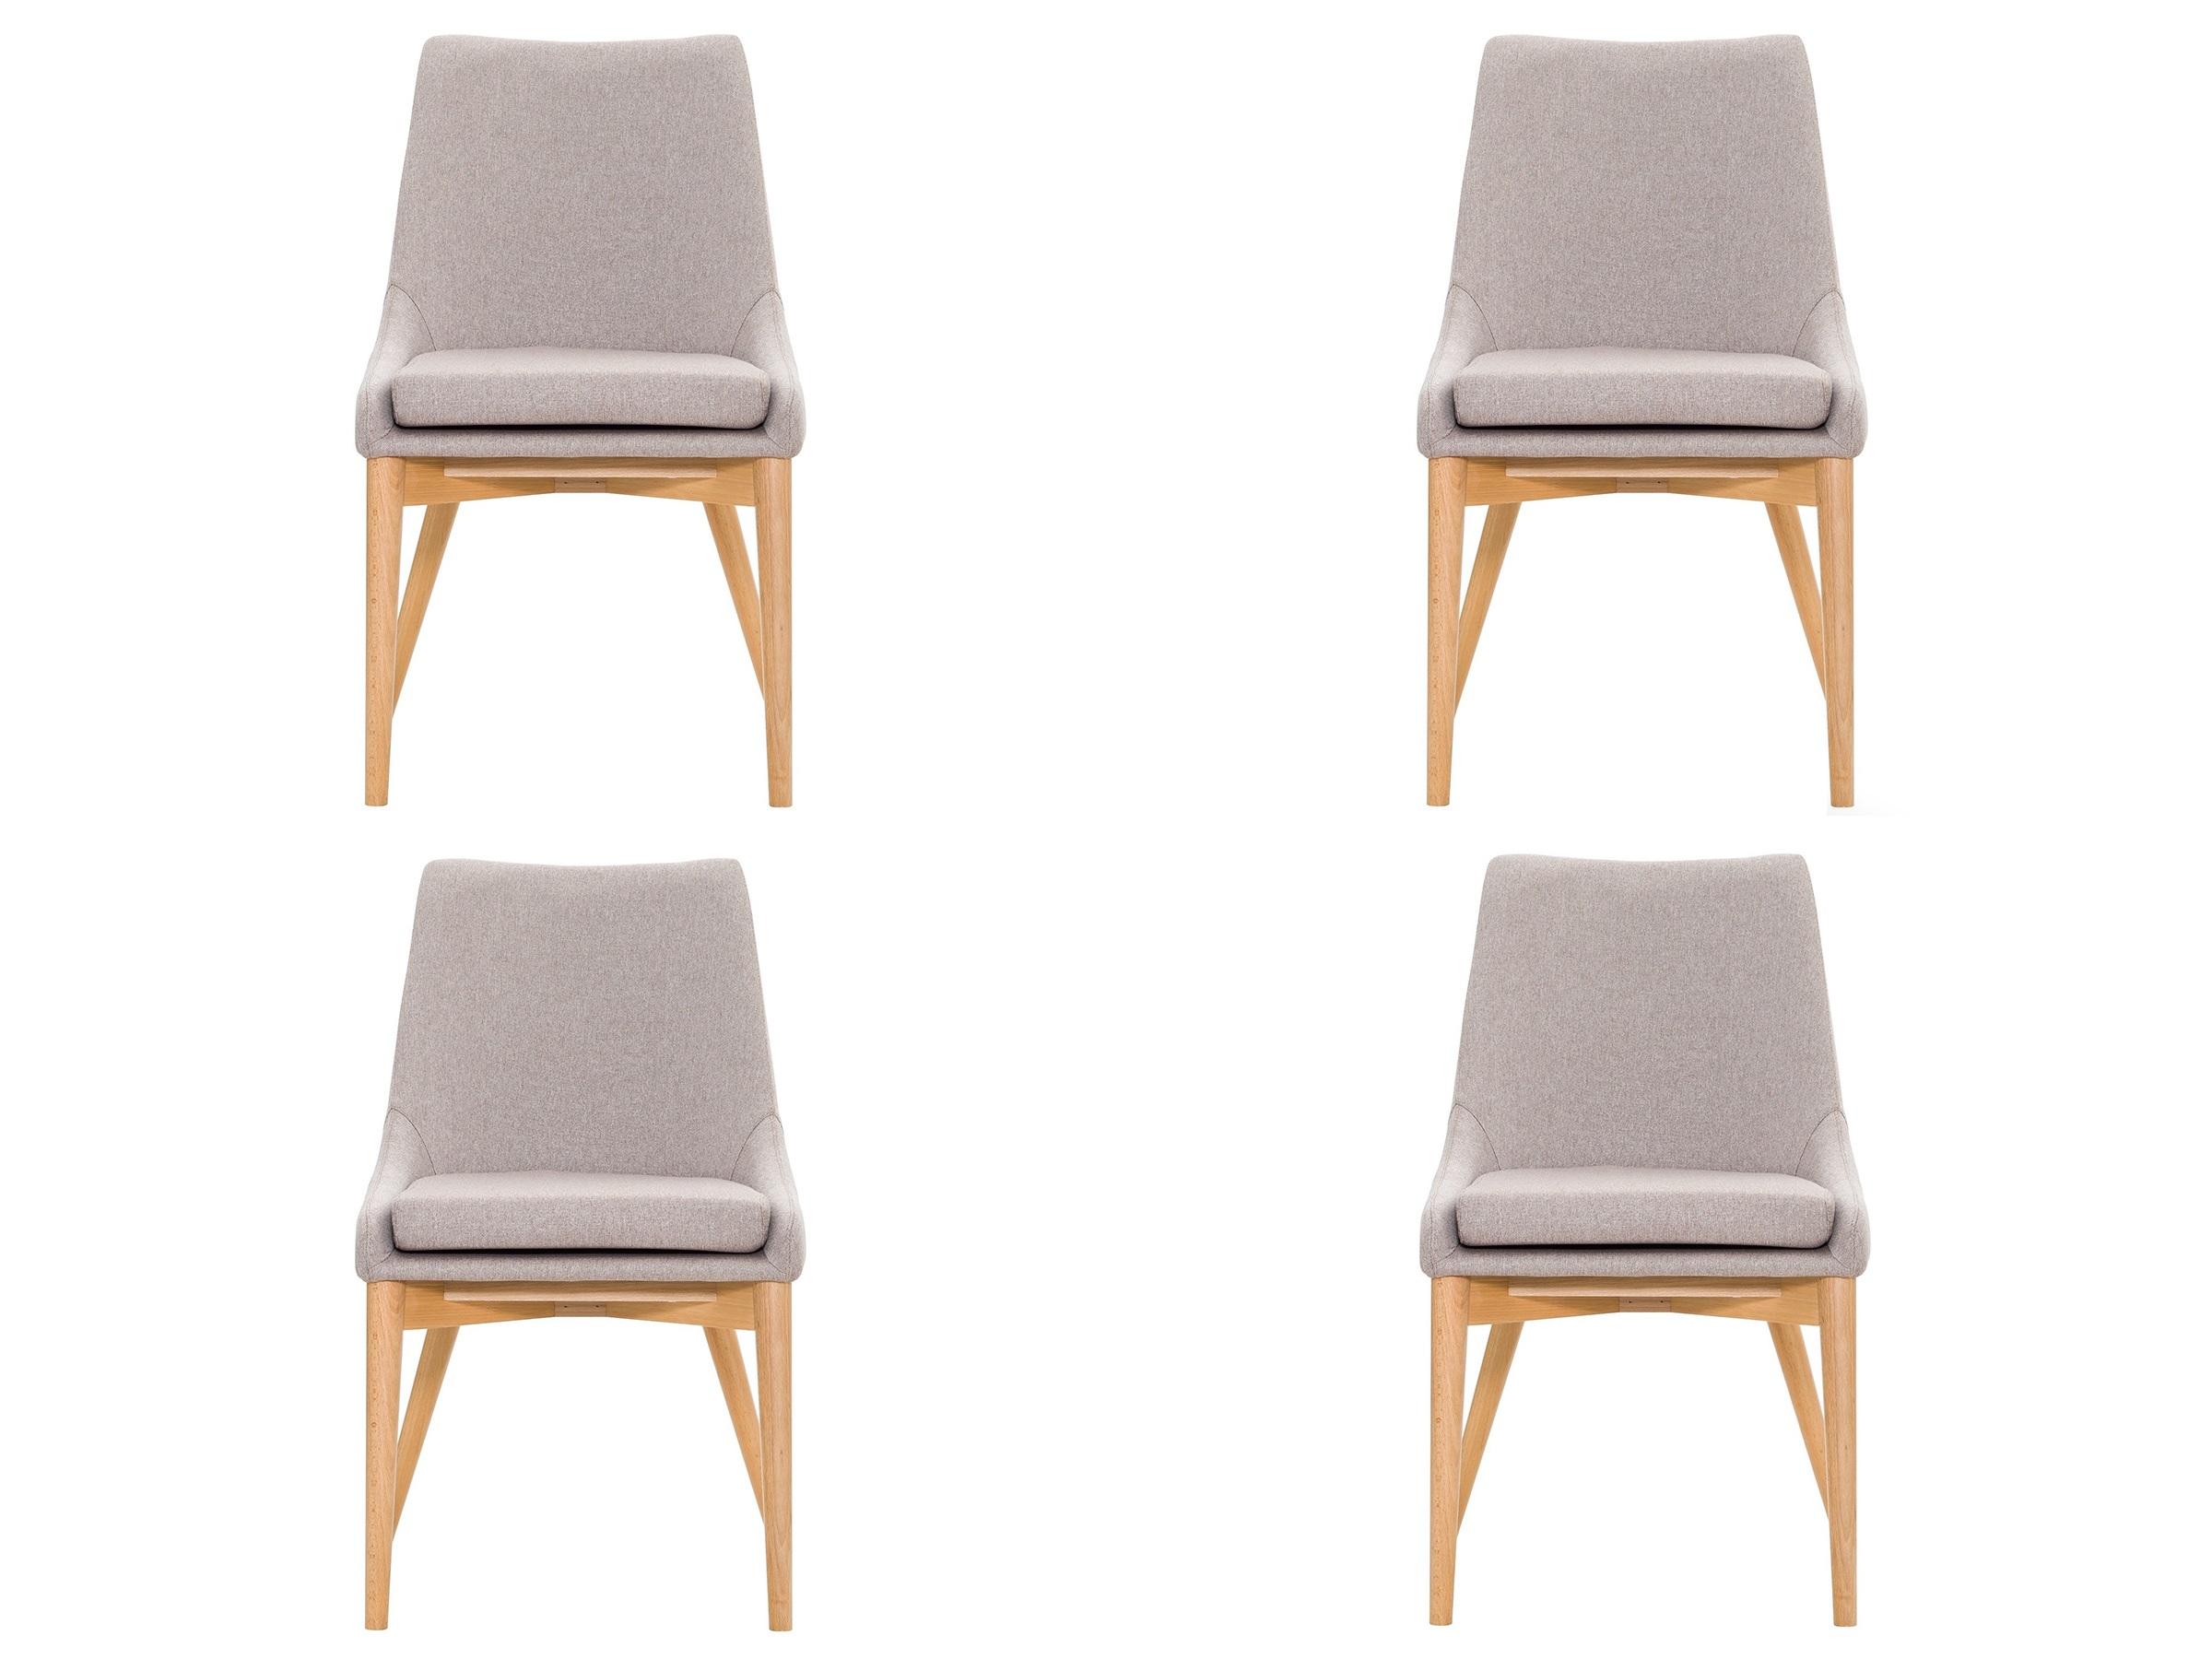 Комплект из 4 стульев MarbleКомплекты<br>&amp;lt;div&amp;gt;Marble - современный стул &amp;quot;в квадрате&amp;quot;. Экологически чистые материалы в сочетании с простой и легкой формой зададут настроение любому интерьеру, будь то гостиная или офис.&amp;lt;br&amp;gt;&amp;lt;/div&amp;gt;&amp;lt;div&amp;gt;&amp;lt;br&amp;gt;&amp;lt;/div&amp;gt;Высота сиденья: 48 см.&amp;lt;div&amp;gt;&amp;lt;br&amp;gt;&amp;lt;/div&amp;gt;&amp;lt;div&amp;gt;&amp;lt;br&amp;gt;&amp;lt;/div&amp;gt;<br><br>Material: Текстиль<br>Ширина см: 50<br>Высота см: 85<br>Глубина см: 58